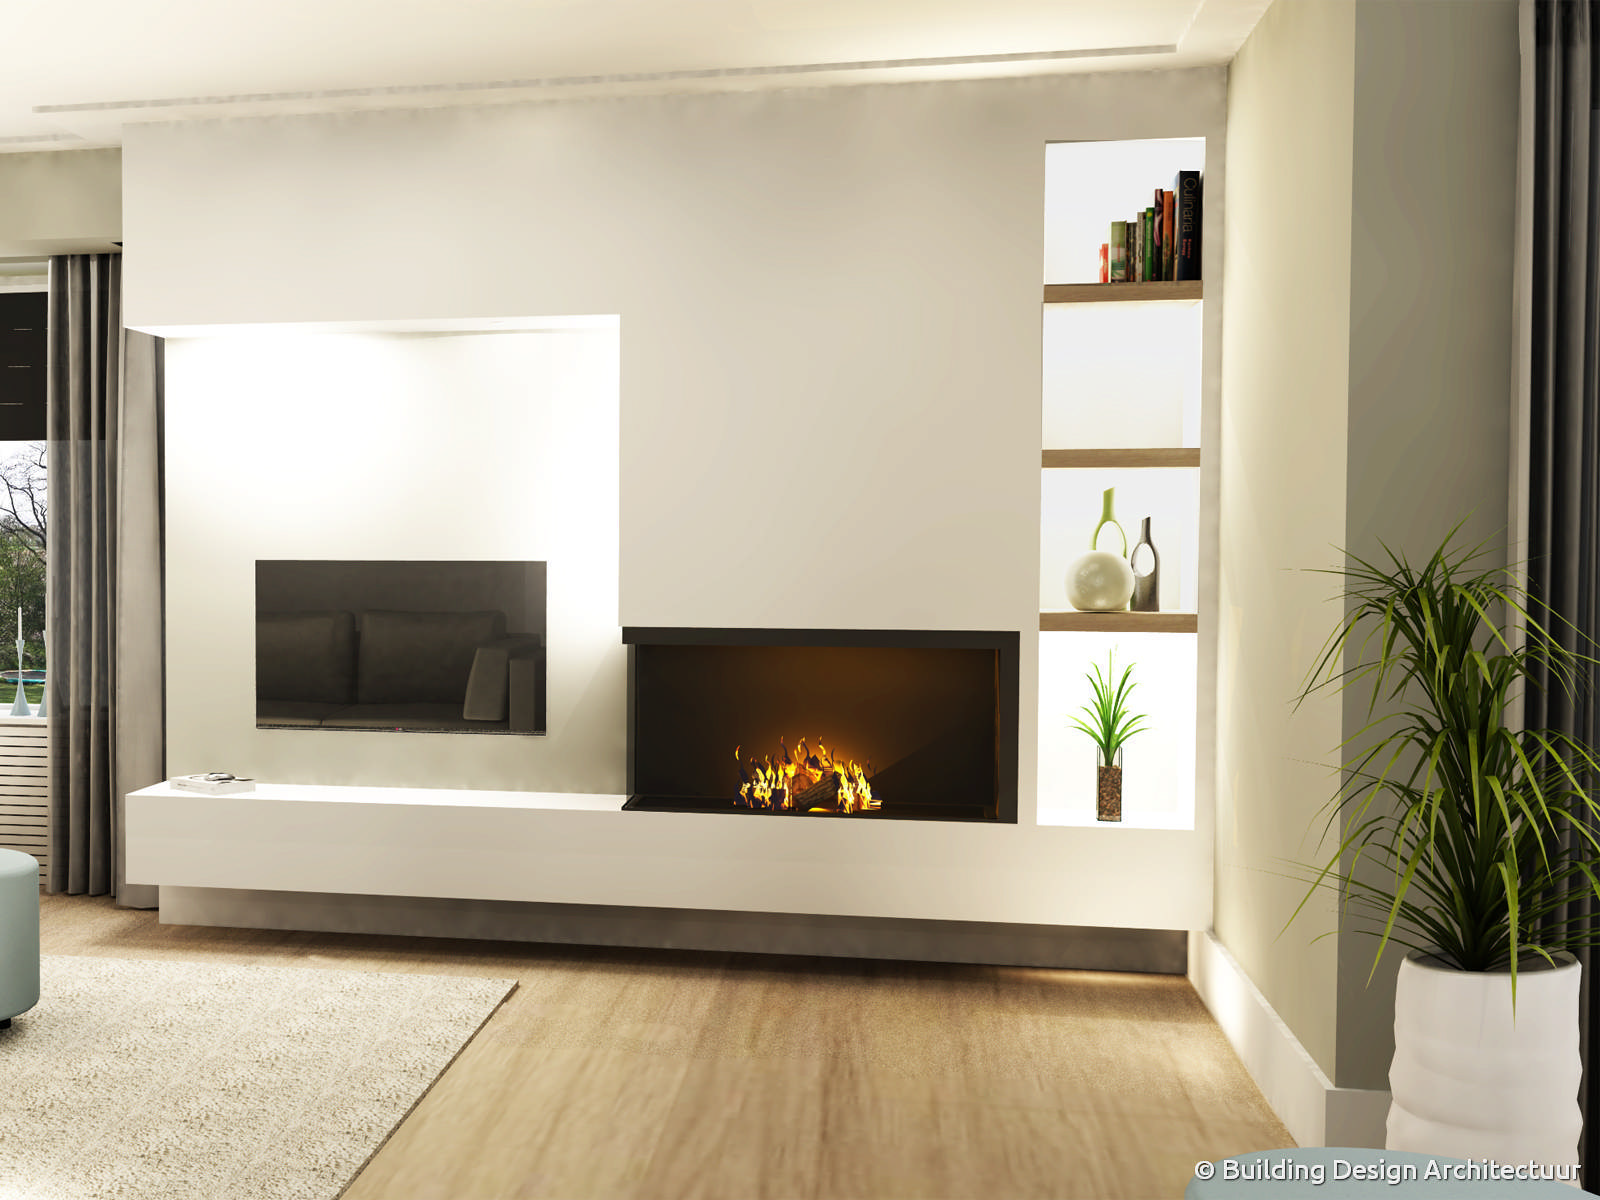 Building design architectuur for Landelijk interieur voorbeelden